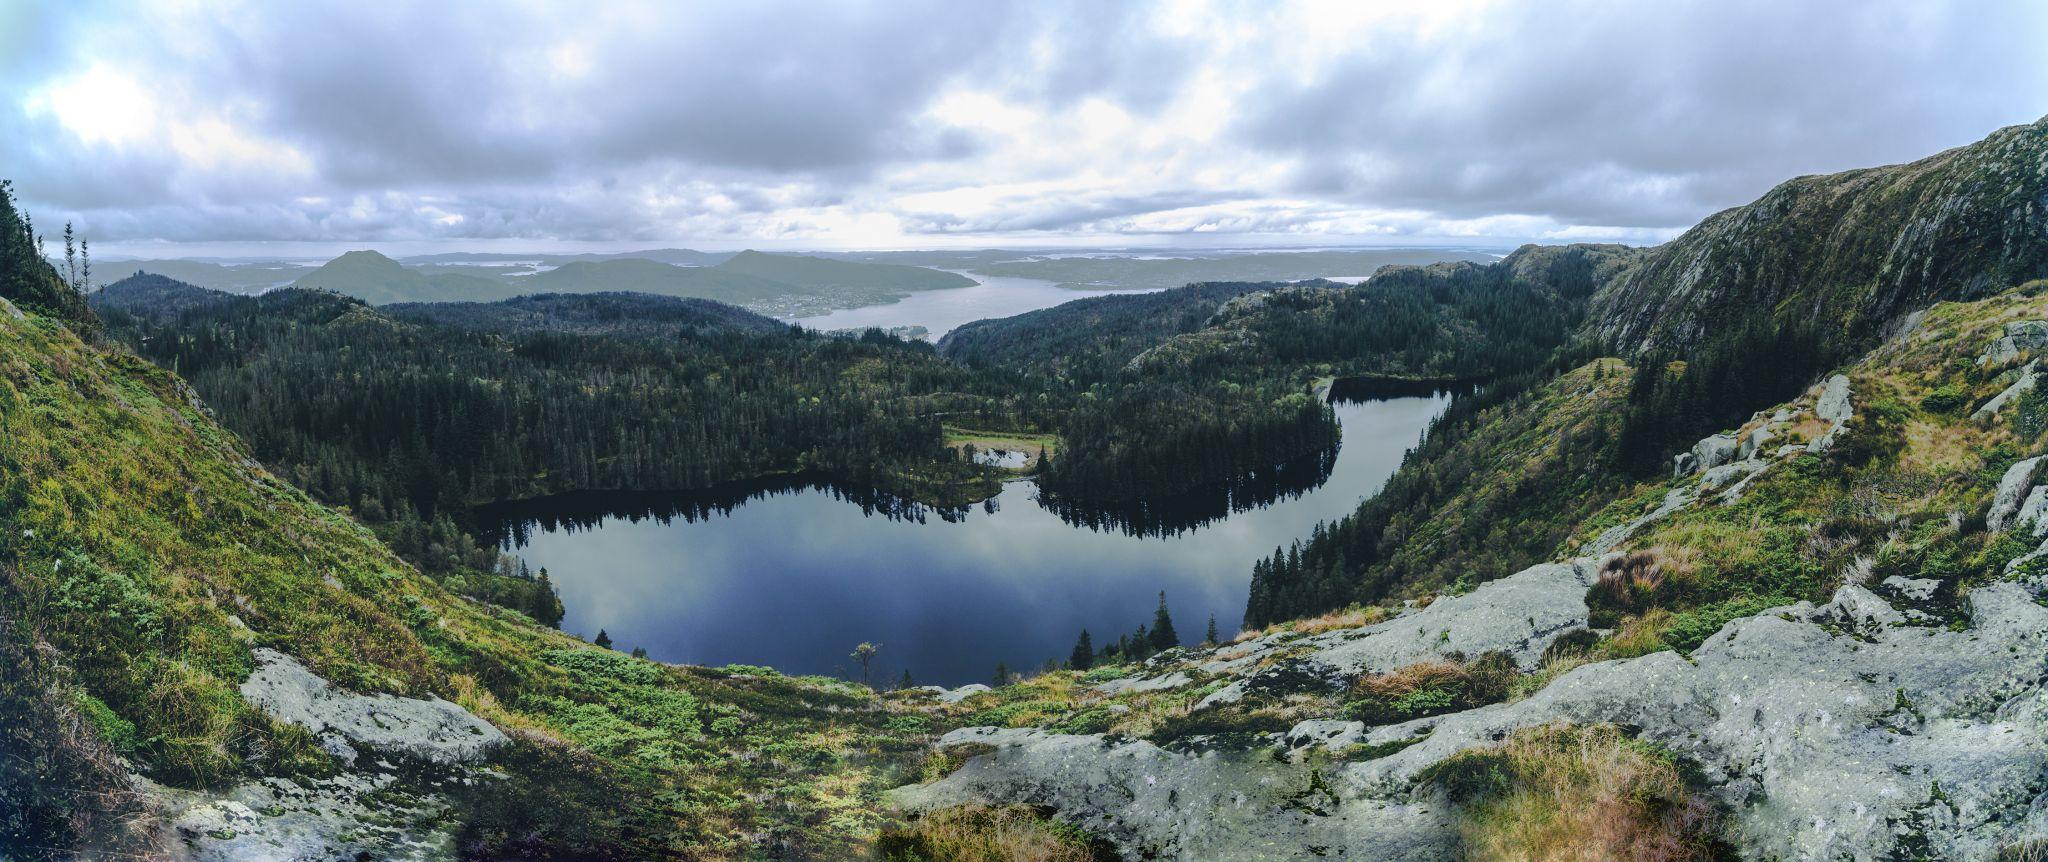 Rundemanen, Norway